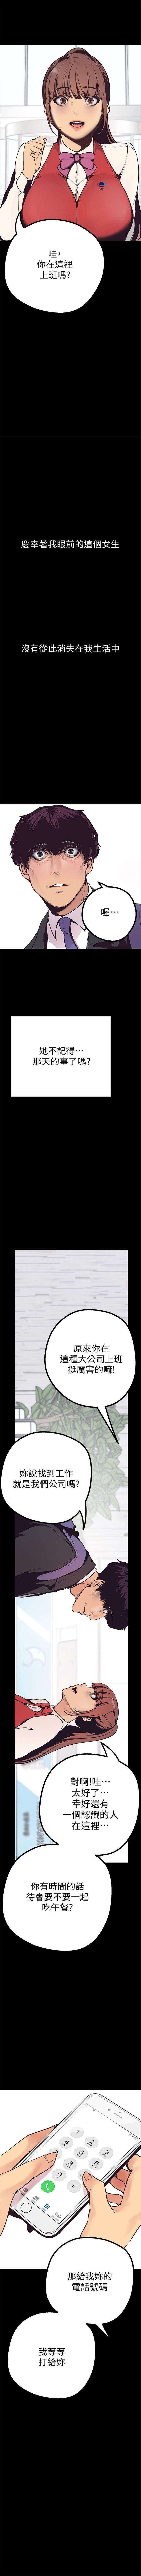 (週1)美麗新世界 1-76 中文翻譯 (更新中) 39